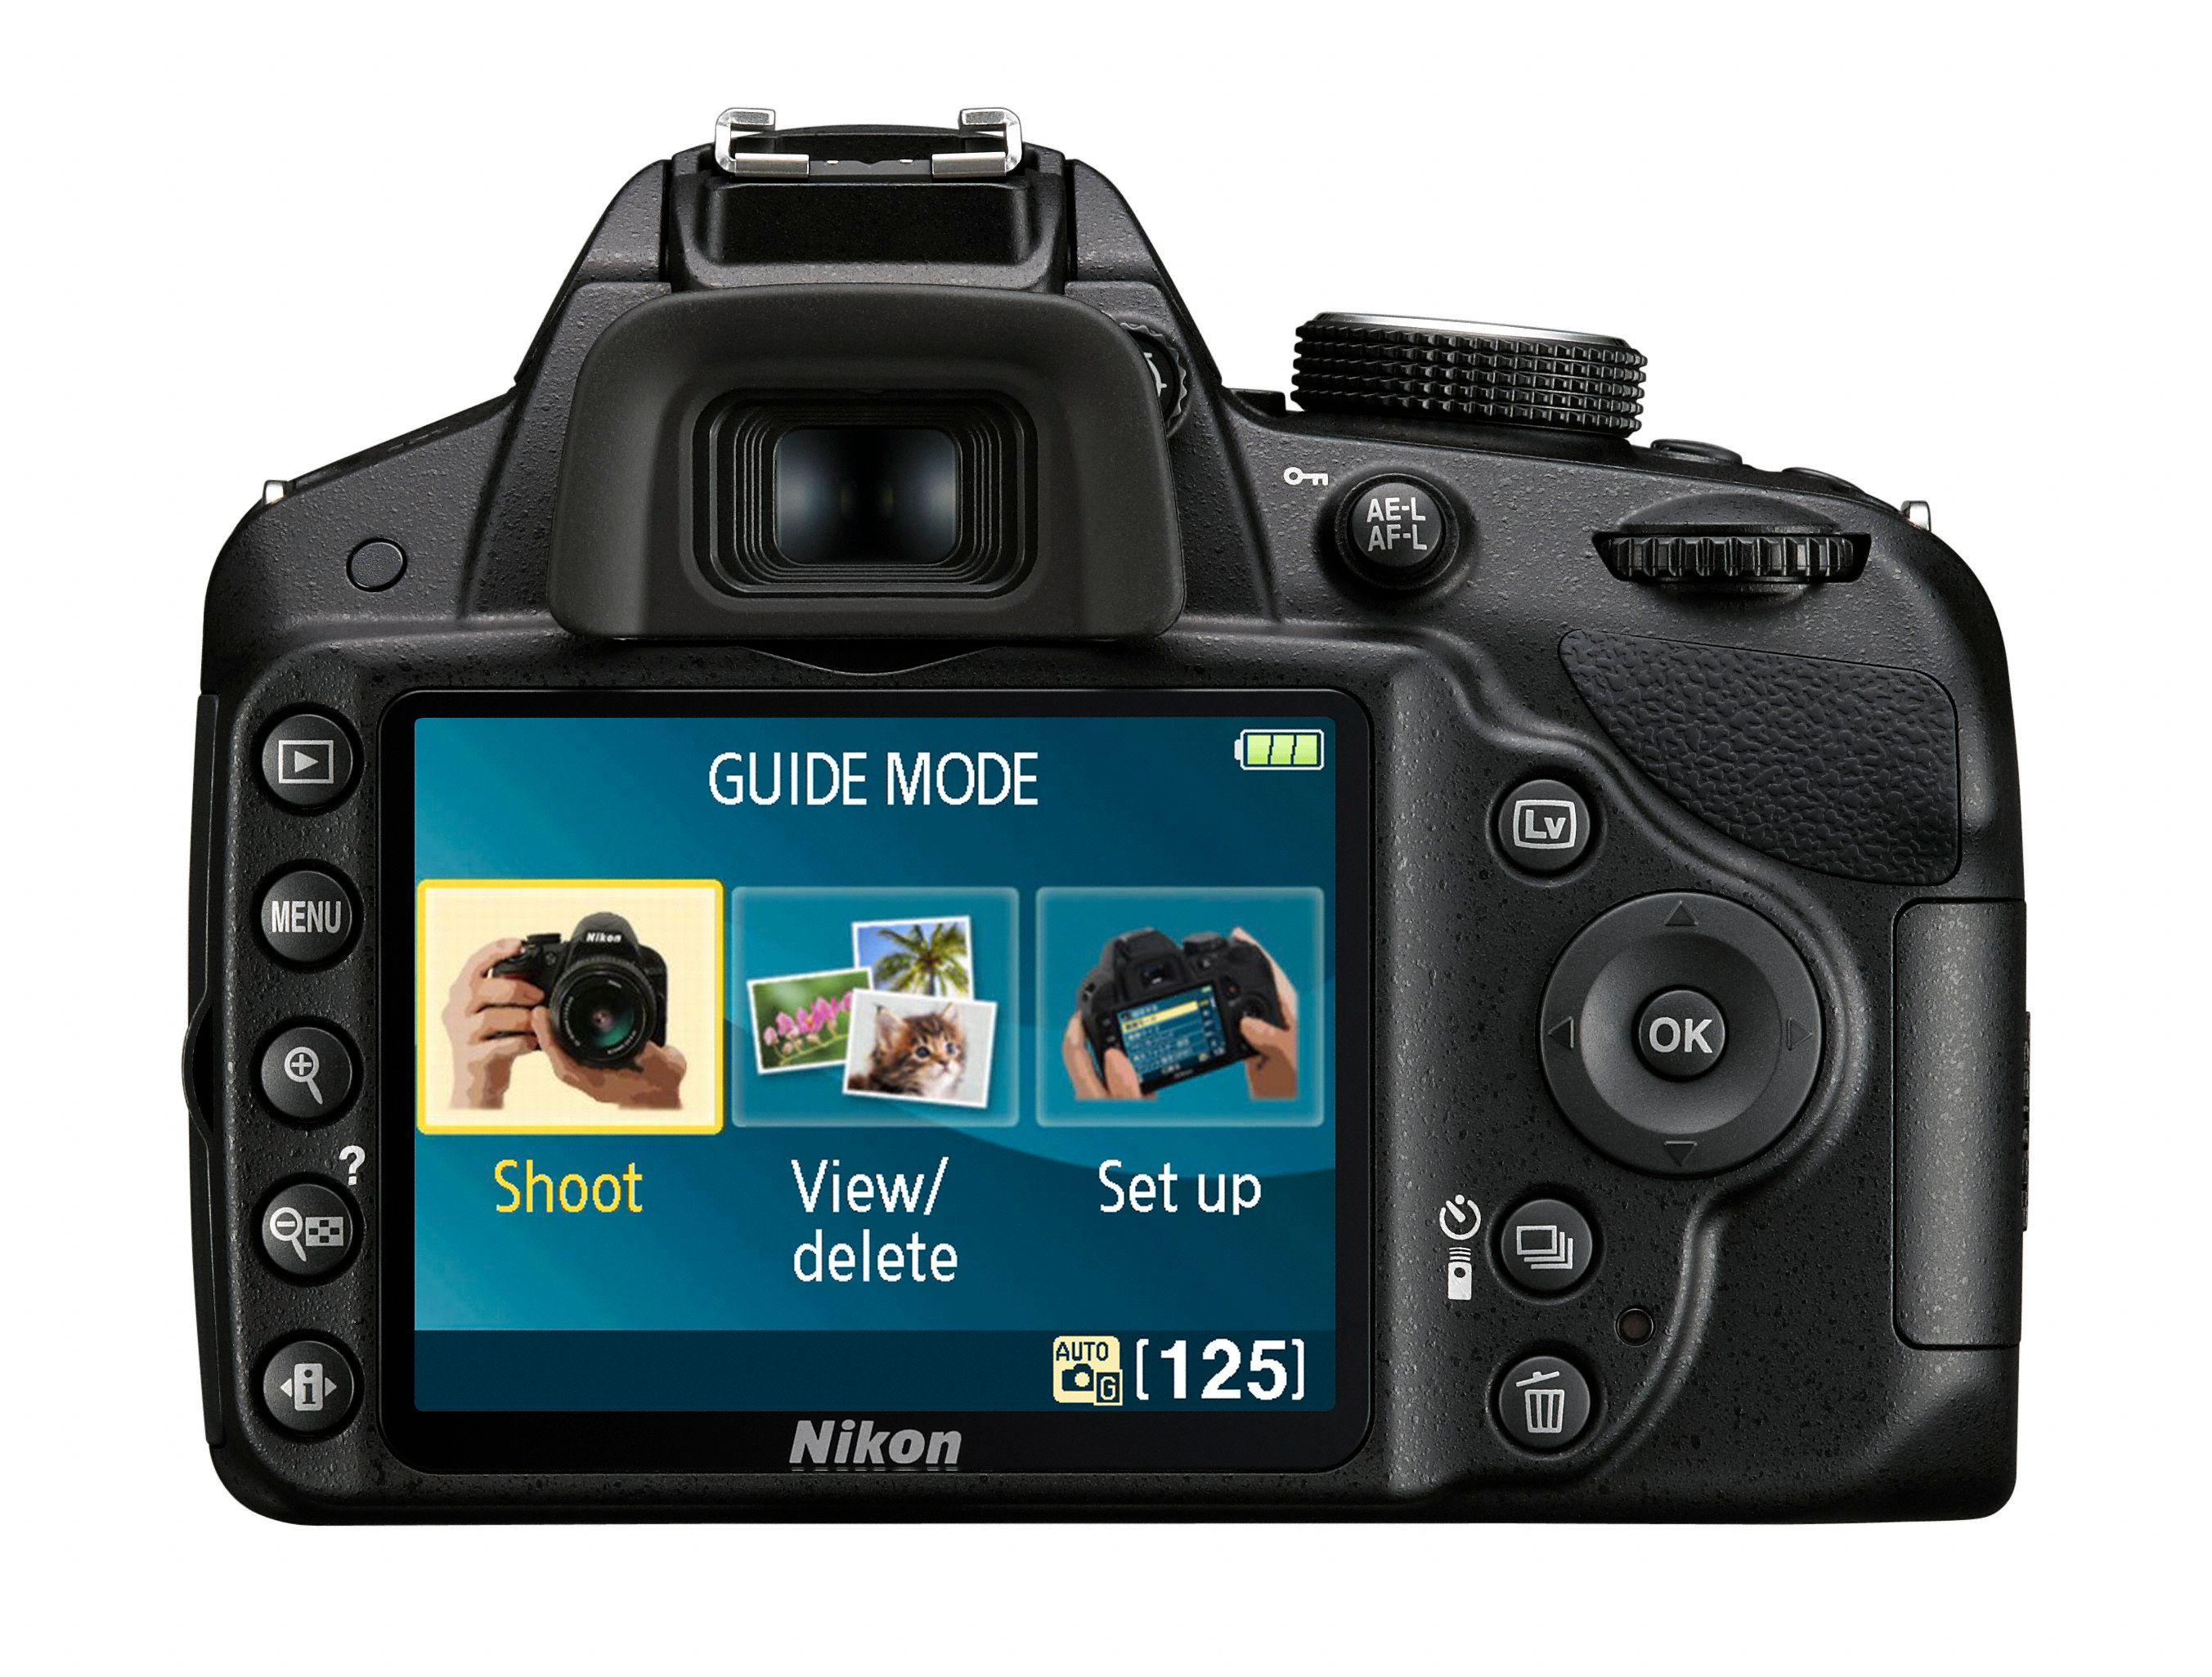 Baksiden av Nikon D3200.